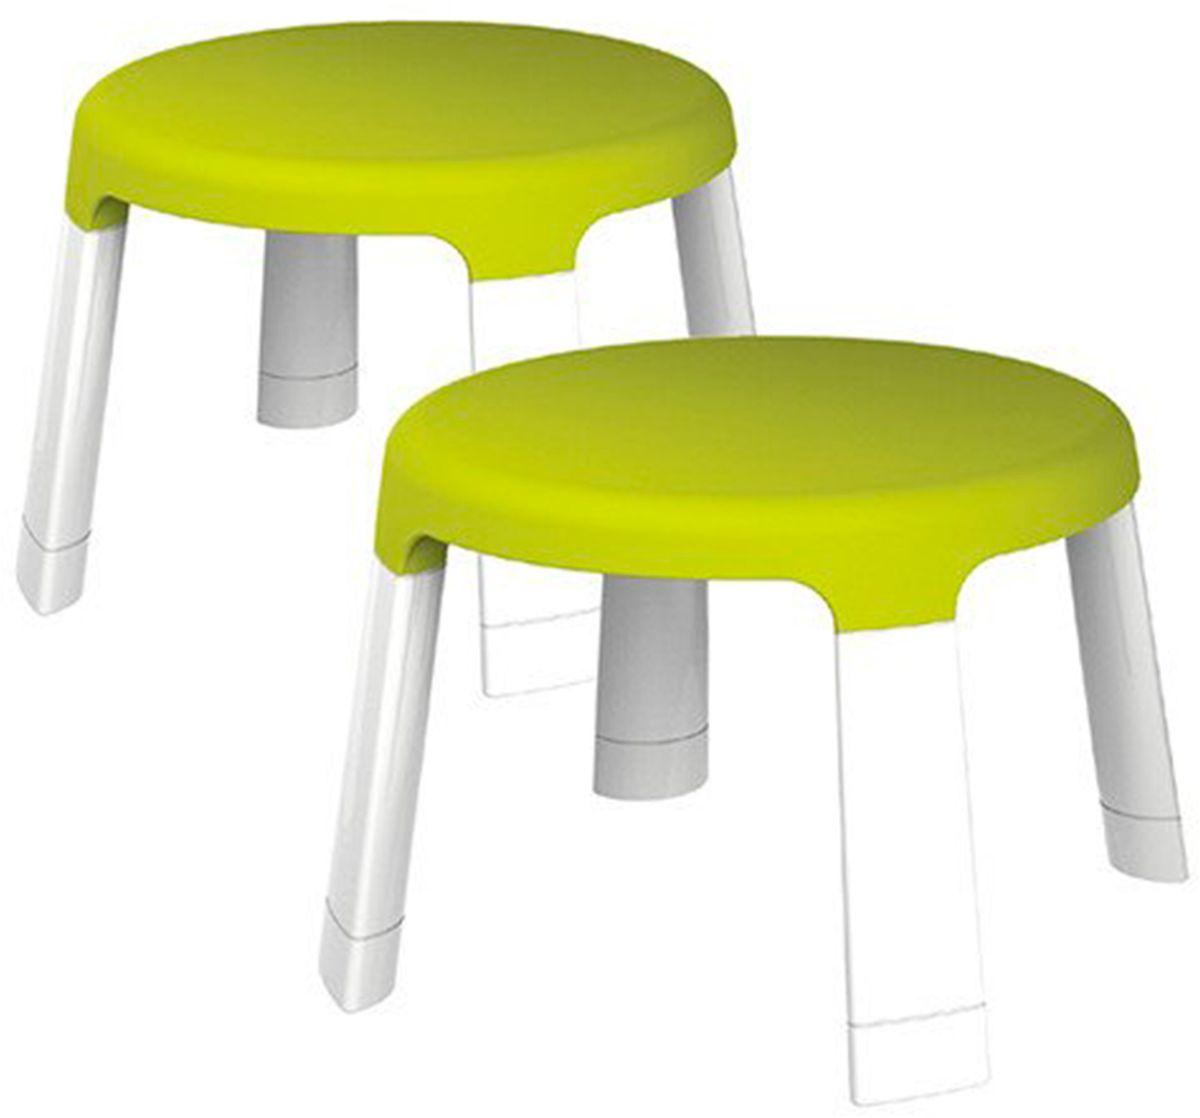 Oribel Табуретка для развивающего столика 2 штCY303-90006Комплект из 2х стульчиков, специально разработанных для детей. Максимальный вес: 35 кг